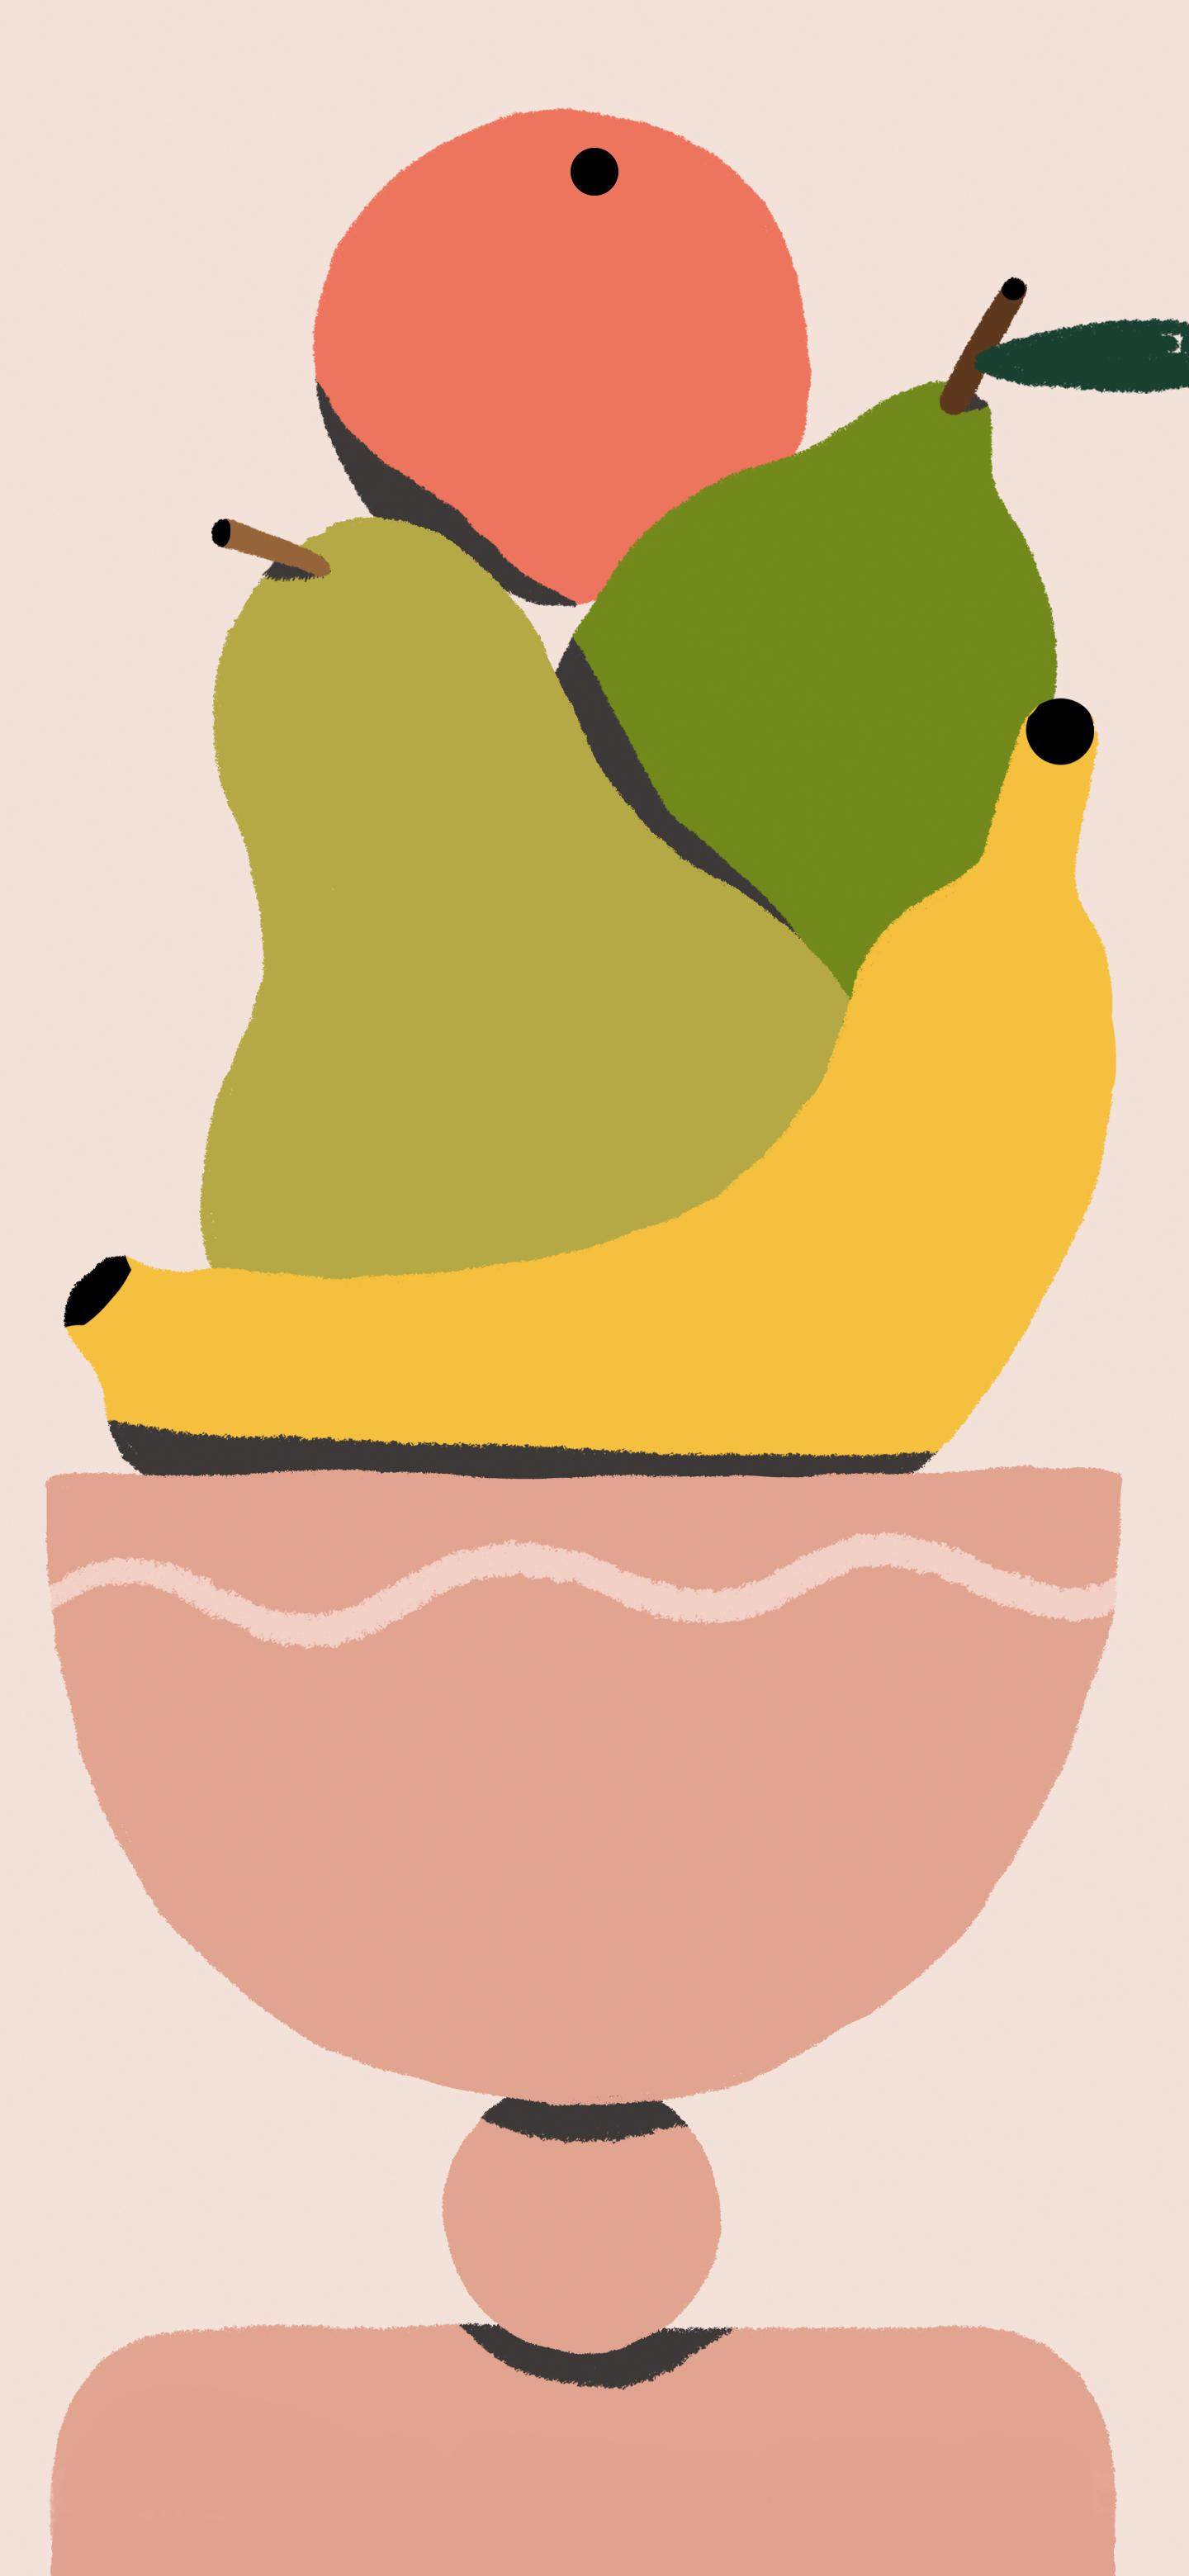 Fruits Pixel 6 Wallpaper